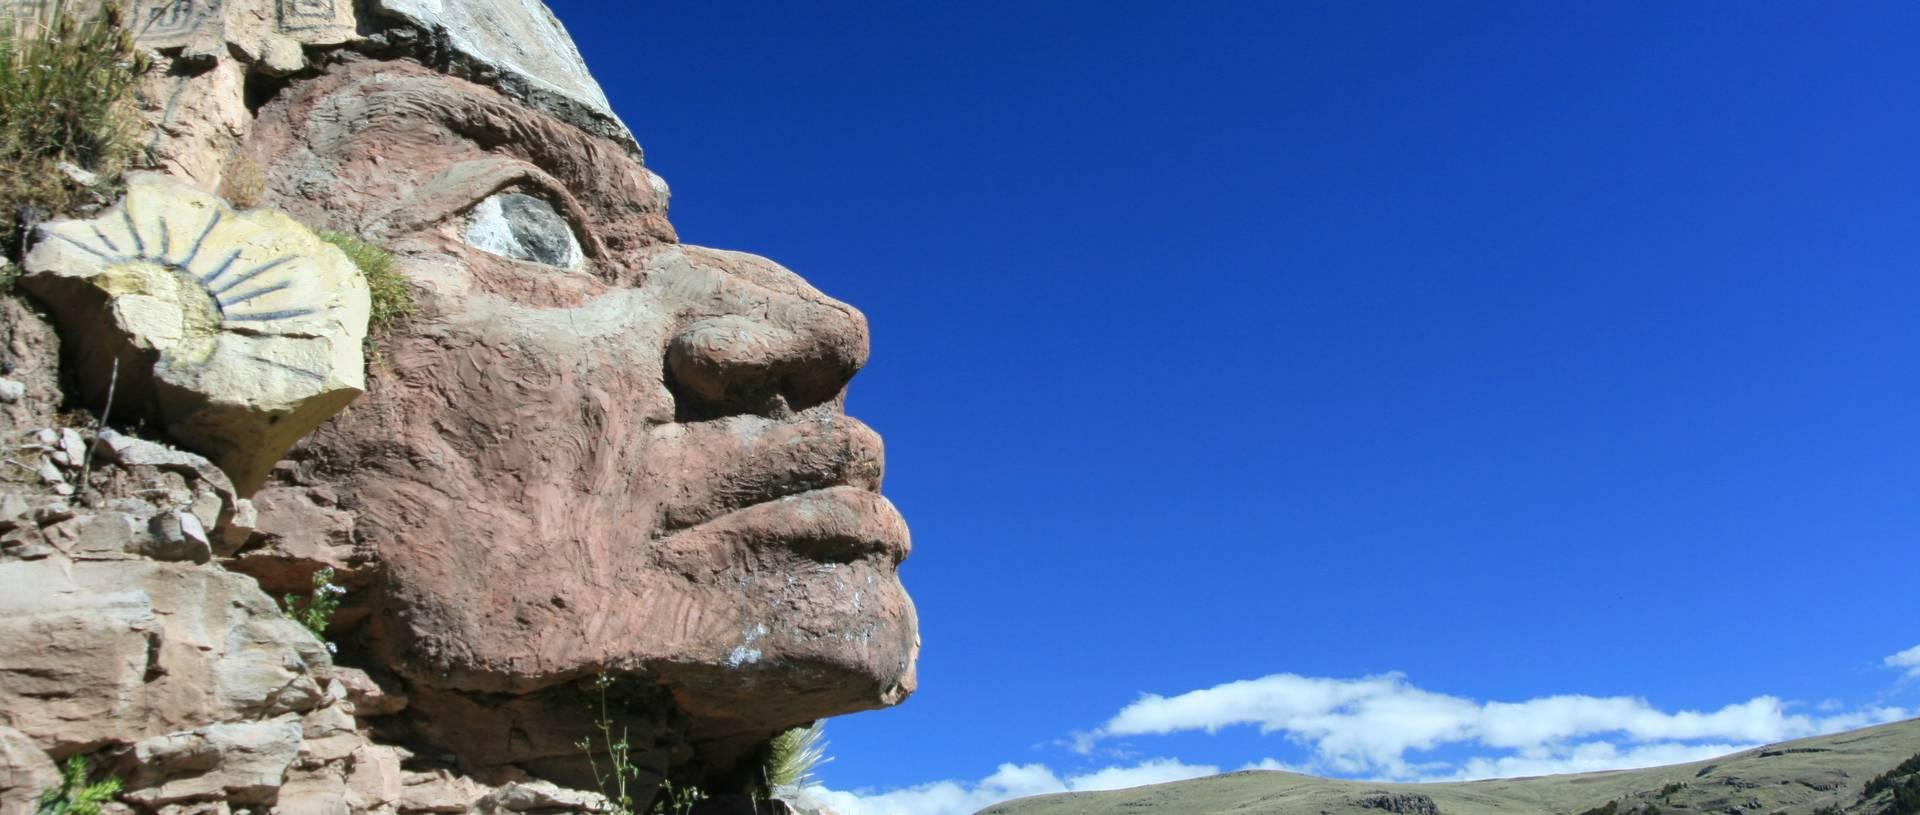 Stone Inca Head, Chucuito, Puno